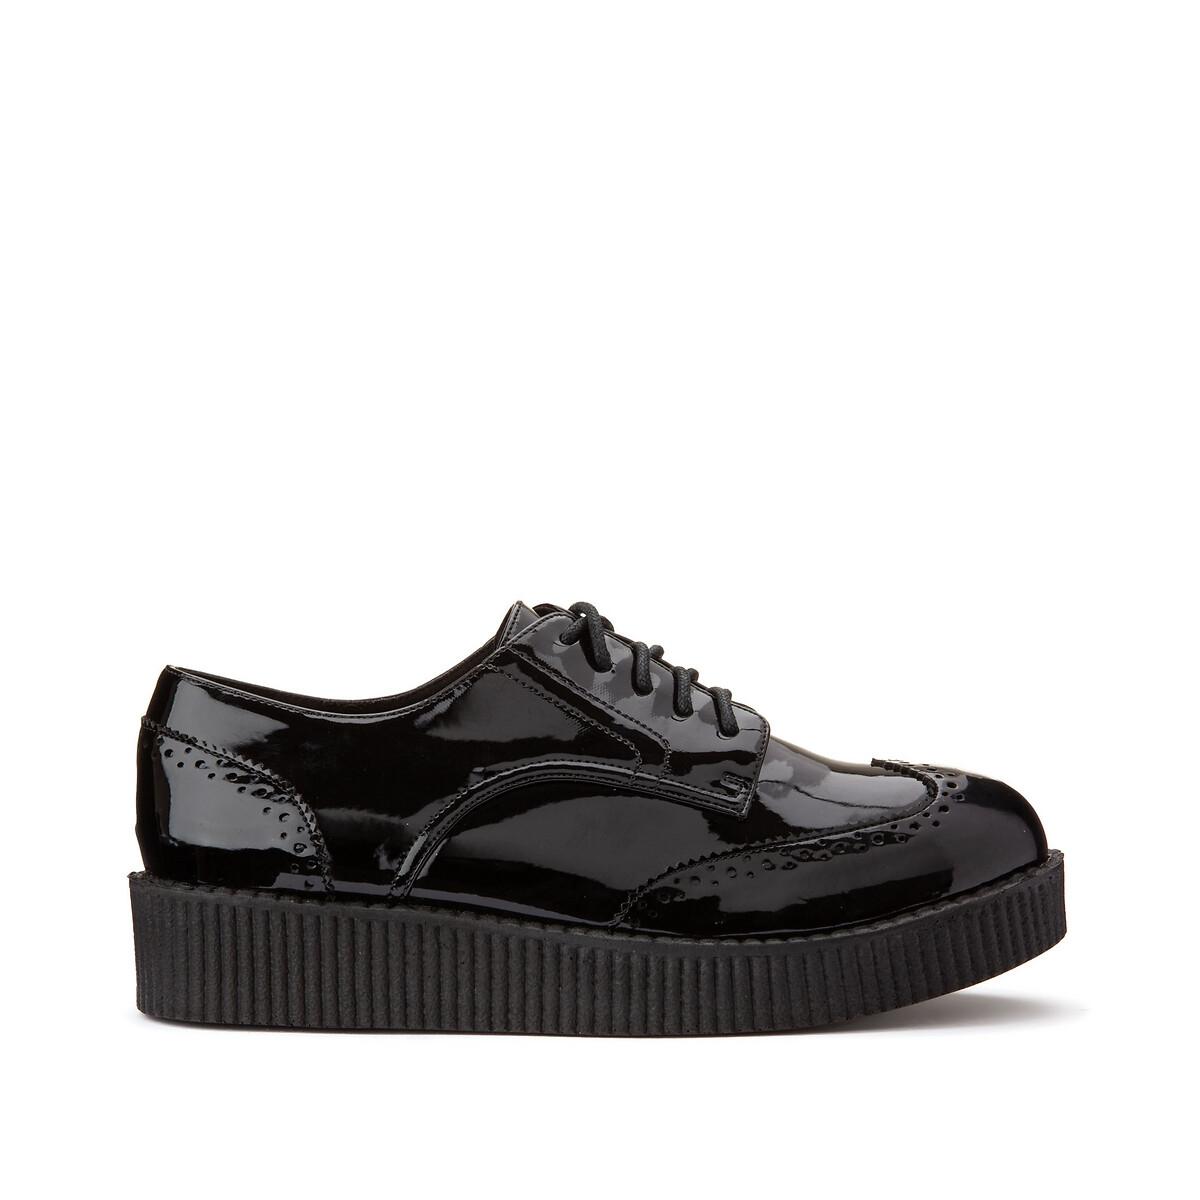 Ботинки-дерби LaRedoute Лакированные для широкой стопы 38-45 41 черный